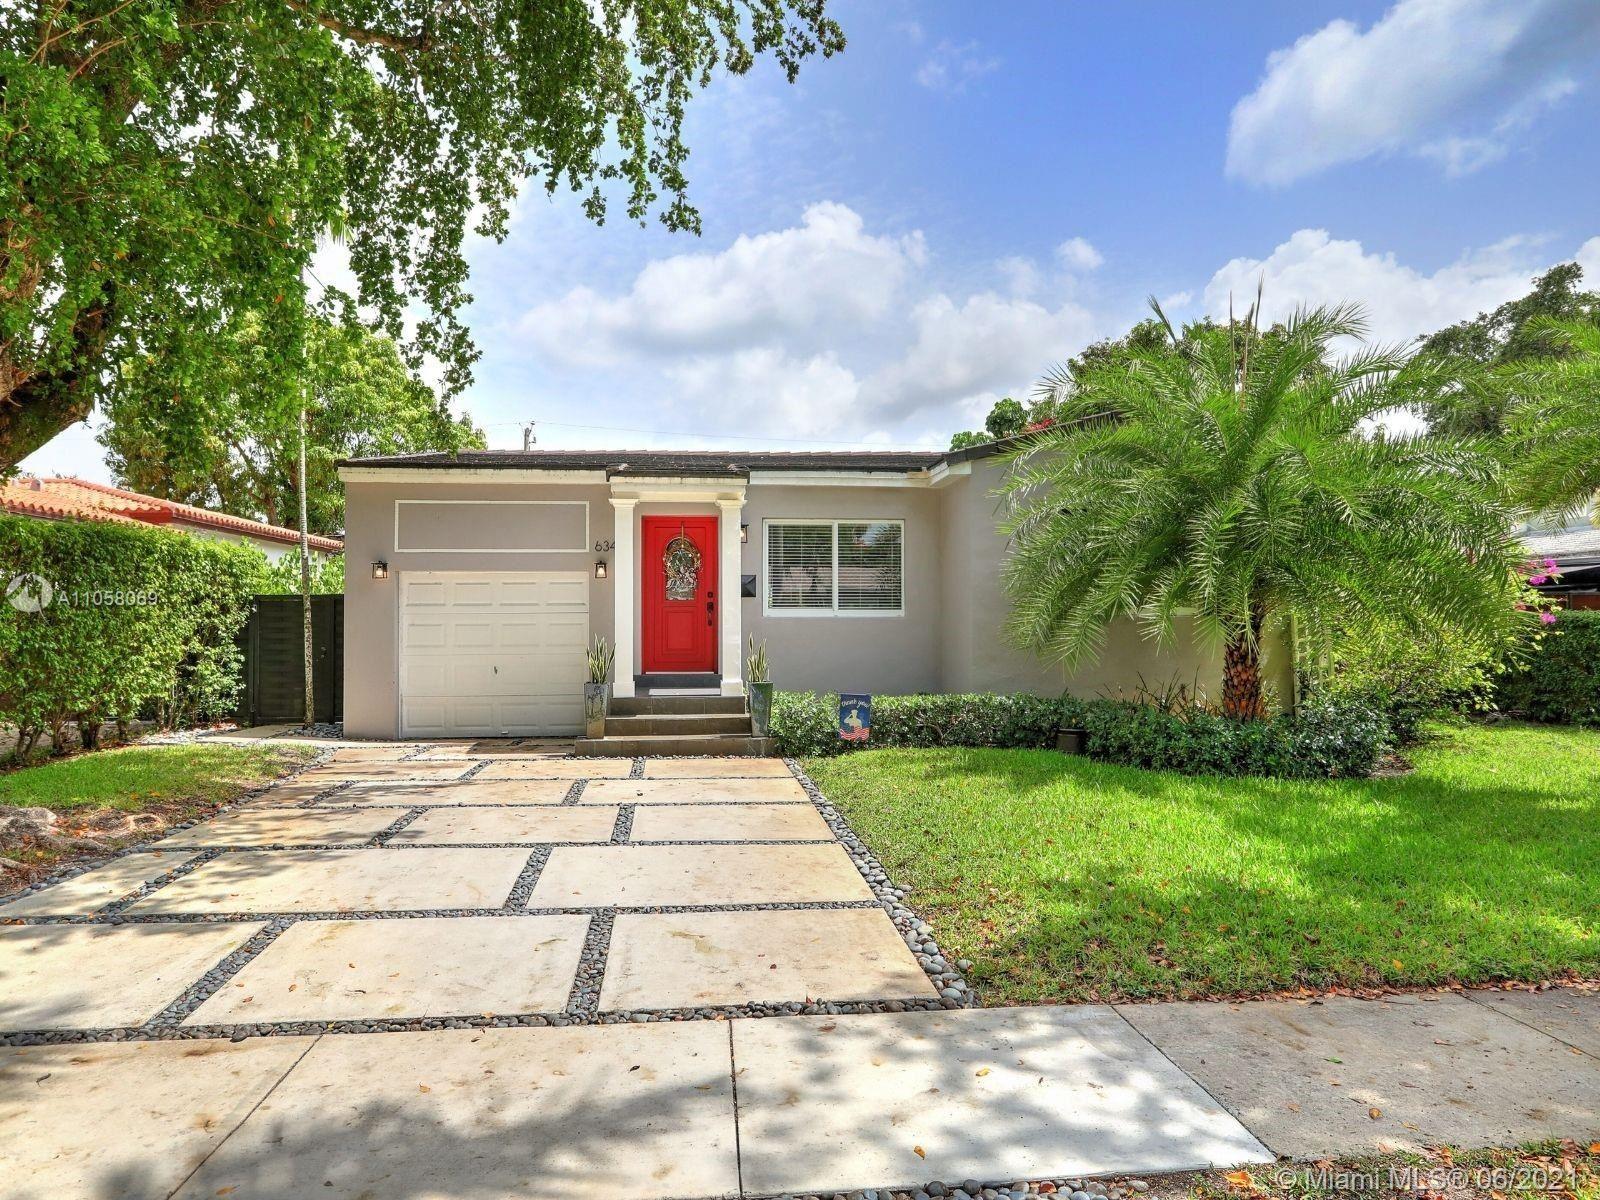 6347 SW 10 Ter, West Miami, FL 33144 - #: A11058069